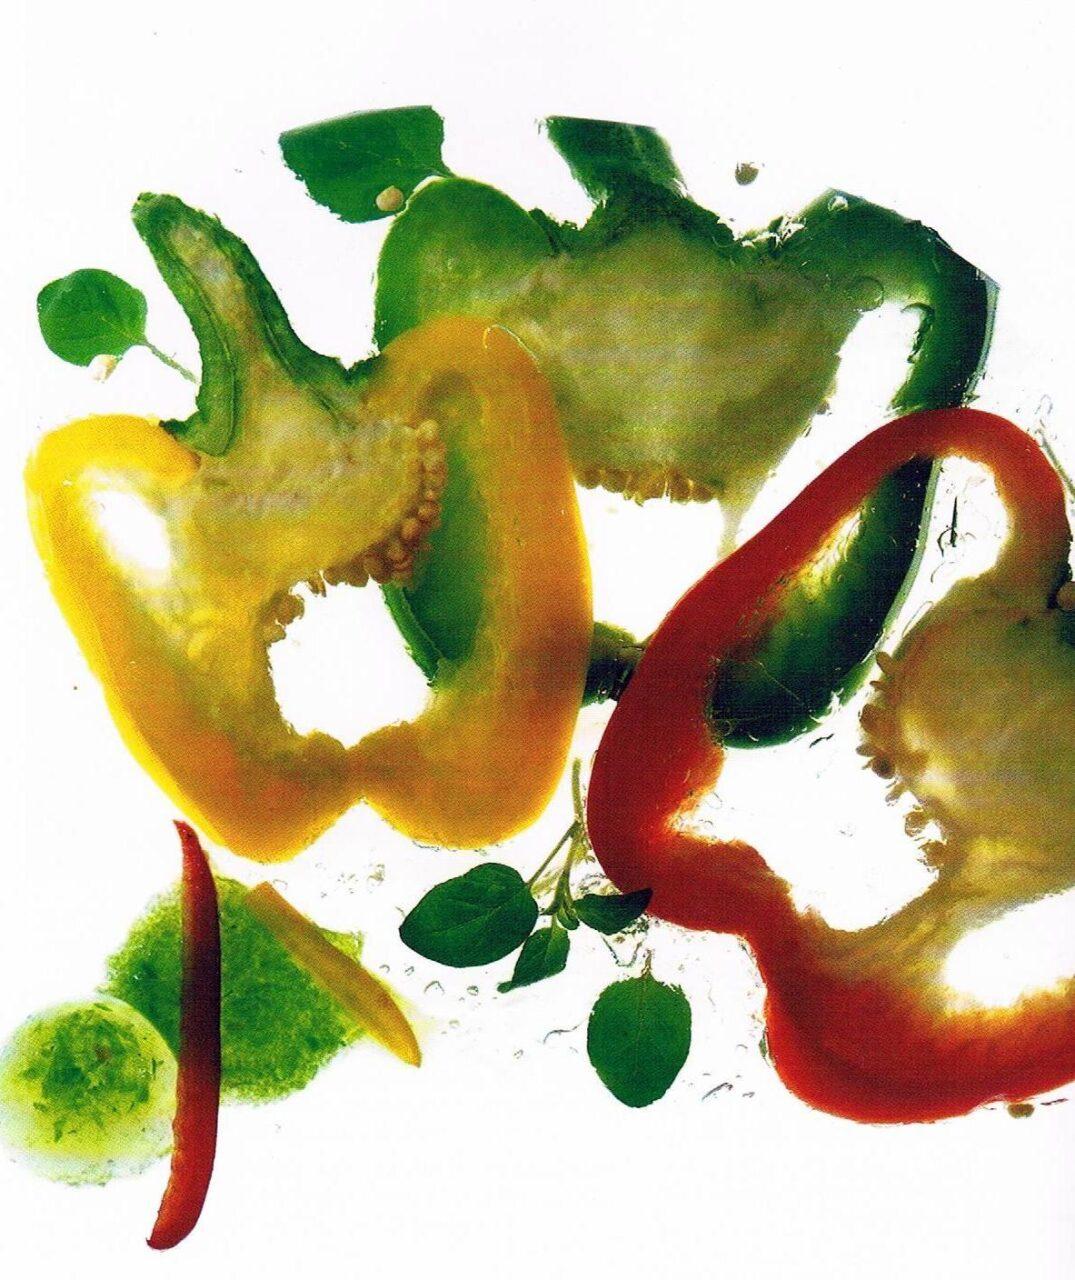 Elaboración de pimiento mínimamente procesado en fresco